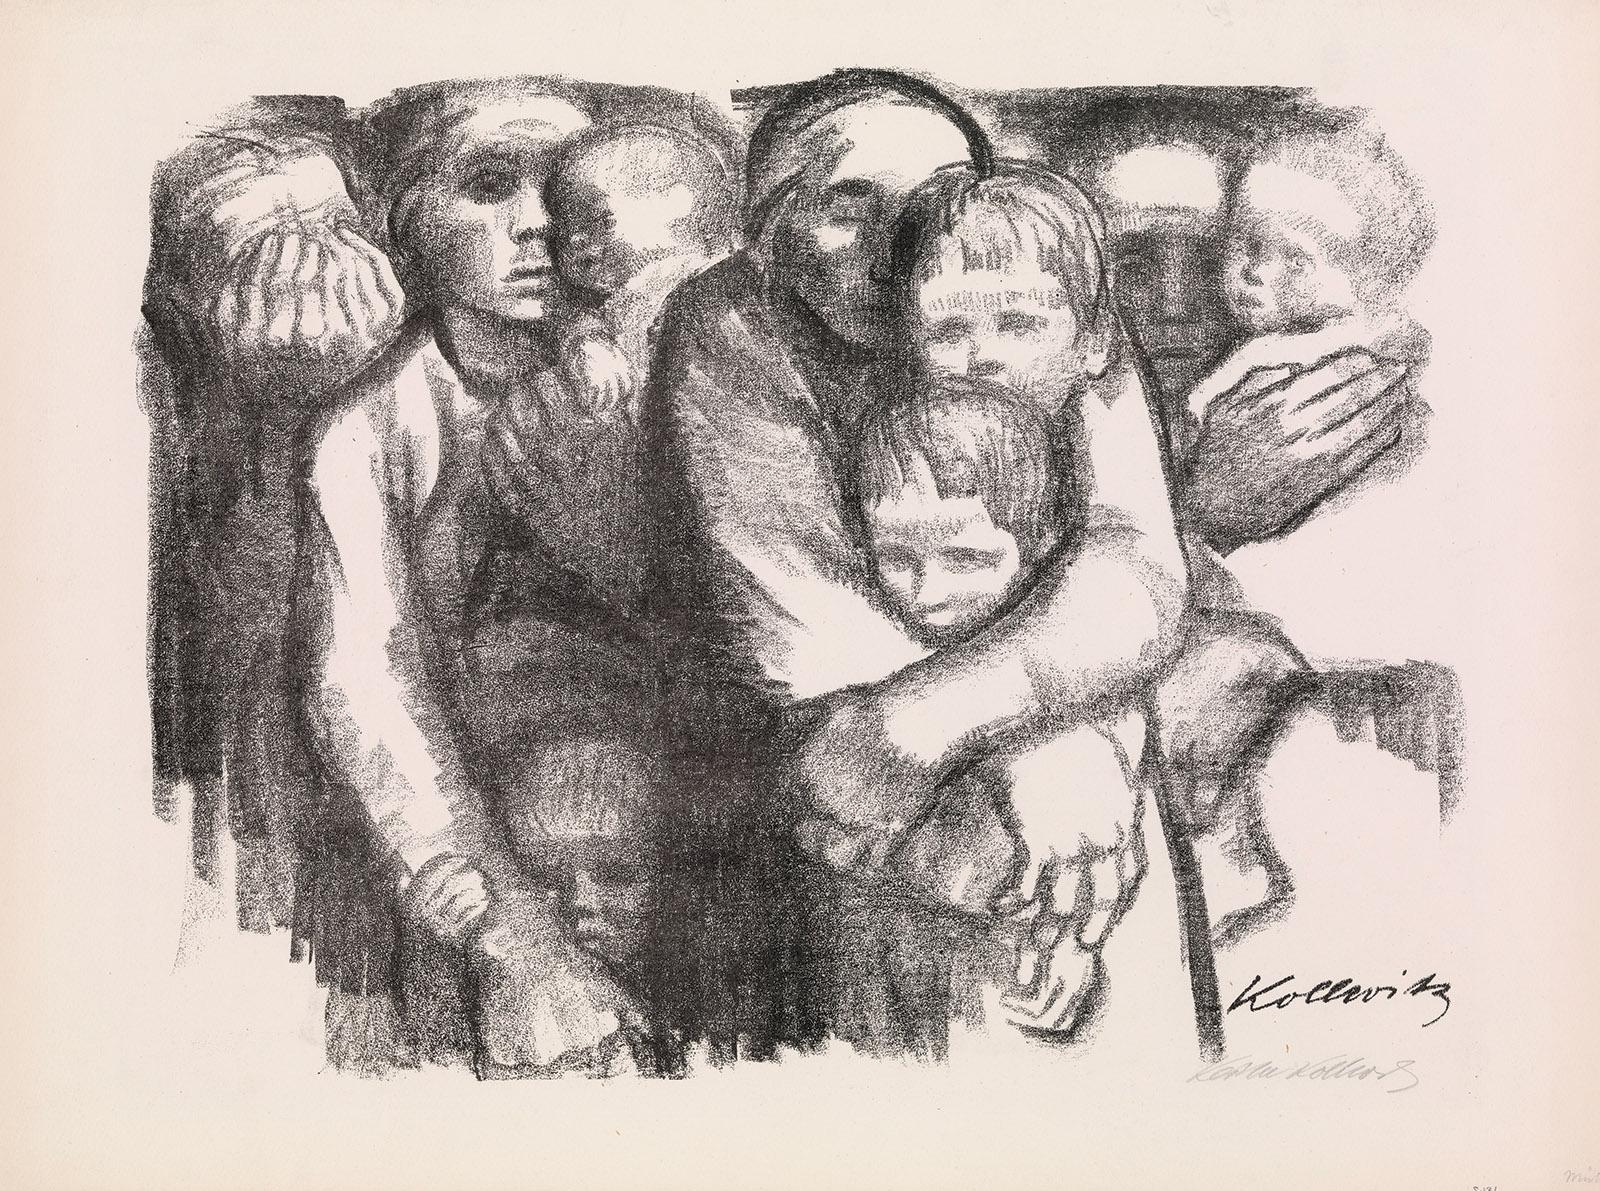 Mothers; illustration by Käthe Kollwitz